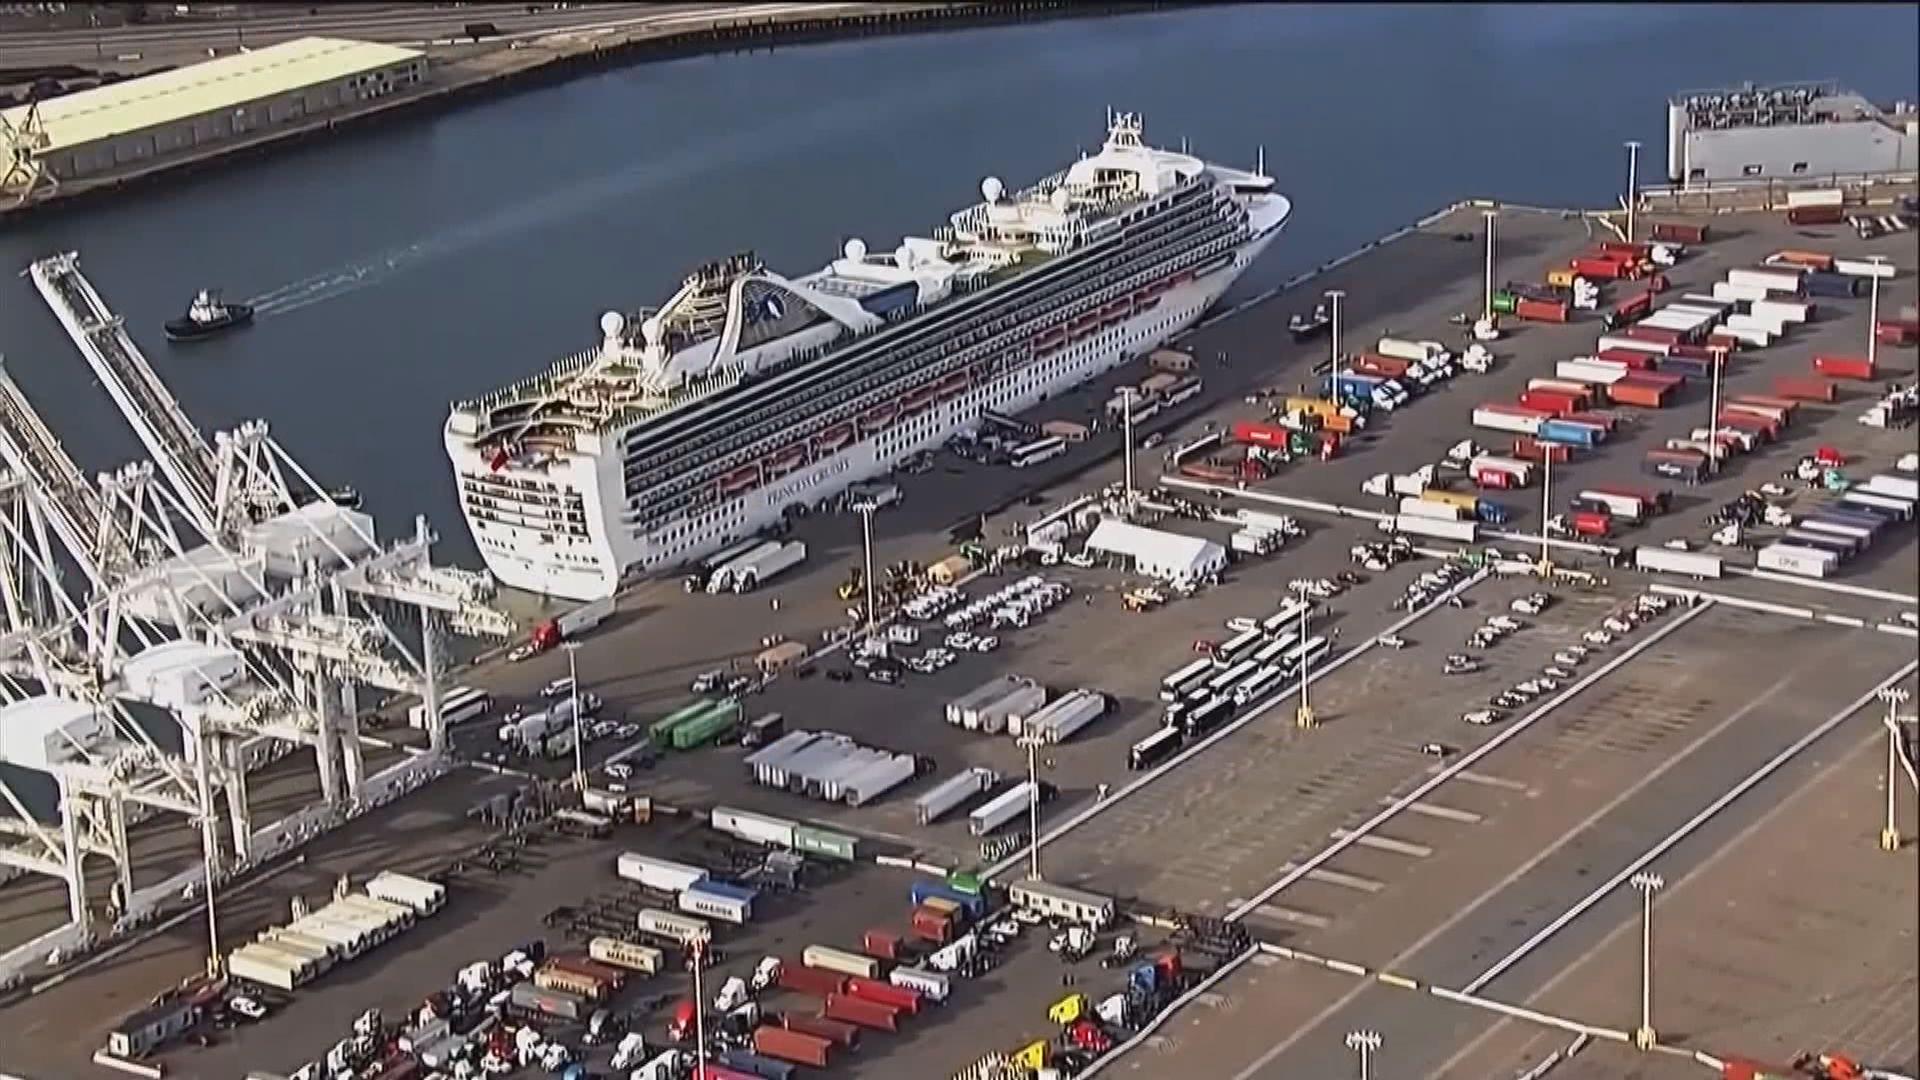 至尊公主號乘客陸續落船接受隔離 英國加拿大派包機